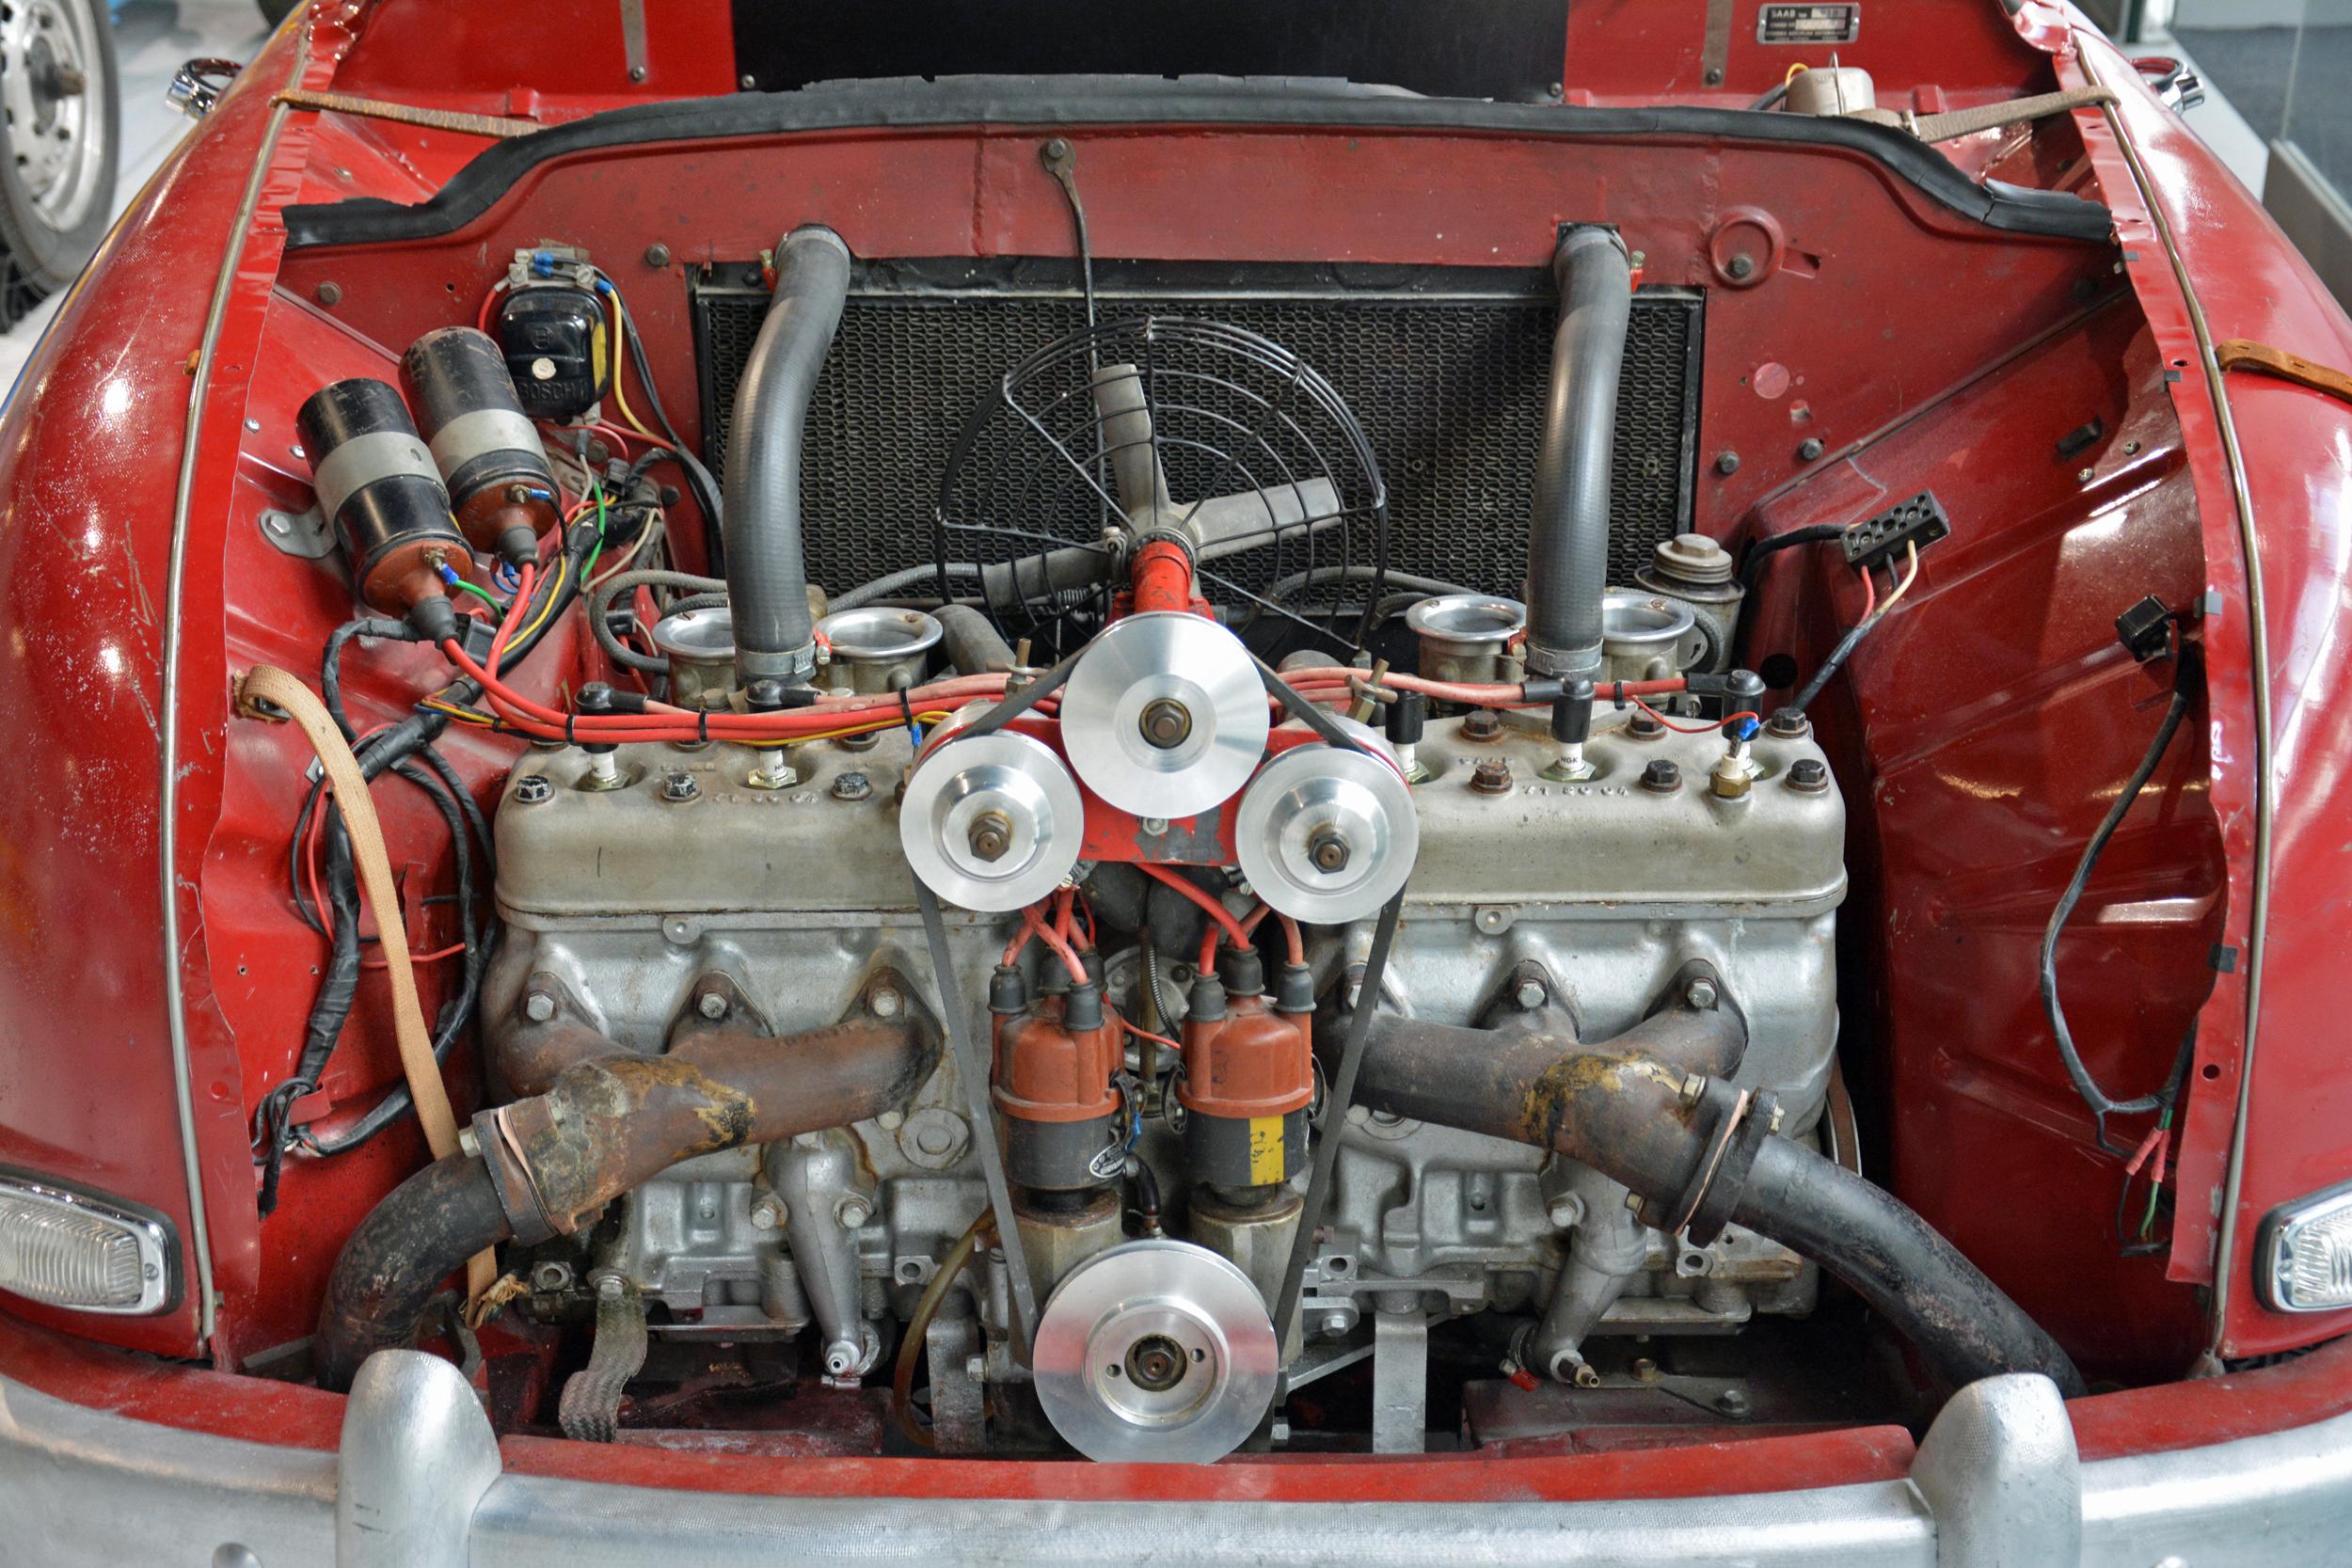 Saab museum monster 93 engine